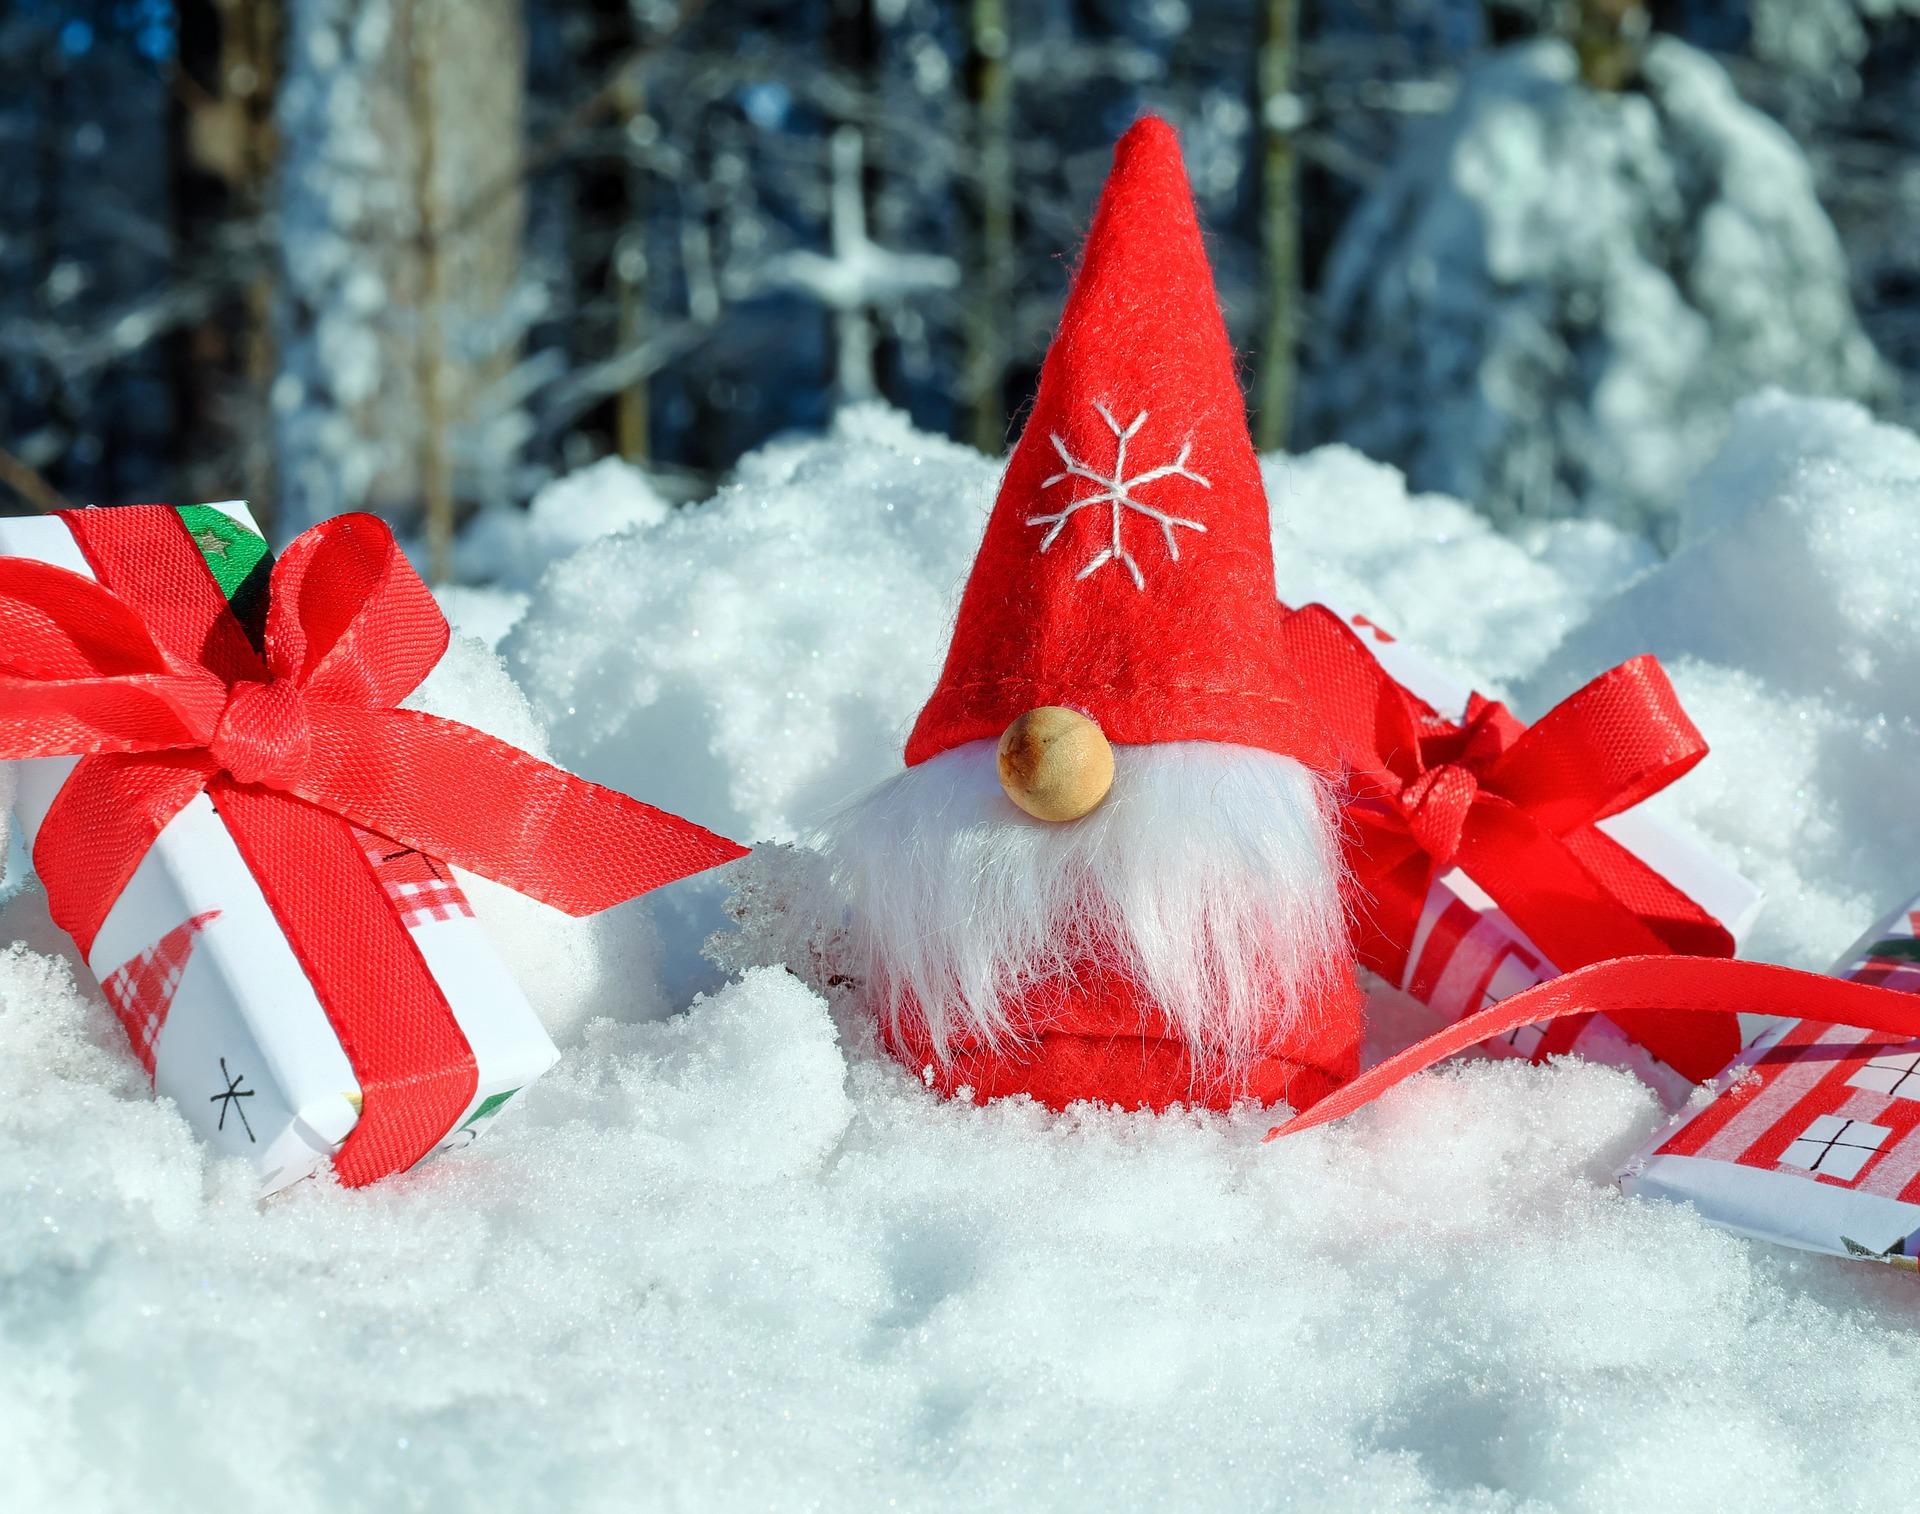 <p>Boże Narodzenie wydaje się być świętowanie podobnie w całej Europie, ale nic bardziej mylnego. O innych kontynentach nie wspominając. Pewnie znasz niektóre z tych faktów z telewizji czy książek. Myślimy jednak, że uda nam się Ciebie zaskoczyć niejednym!</p>